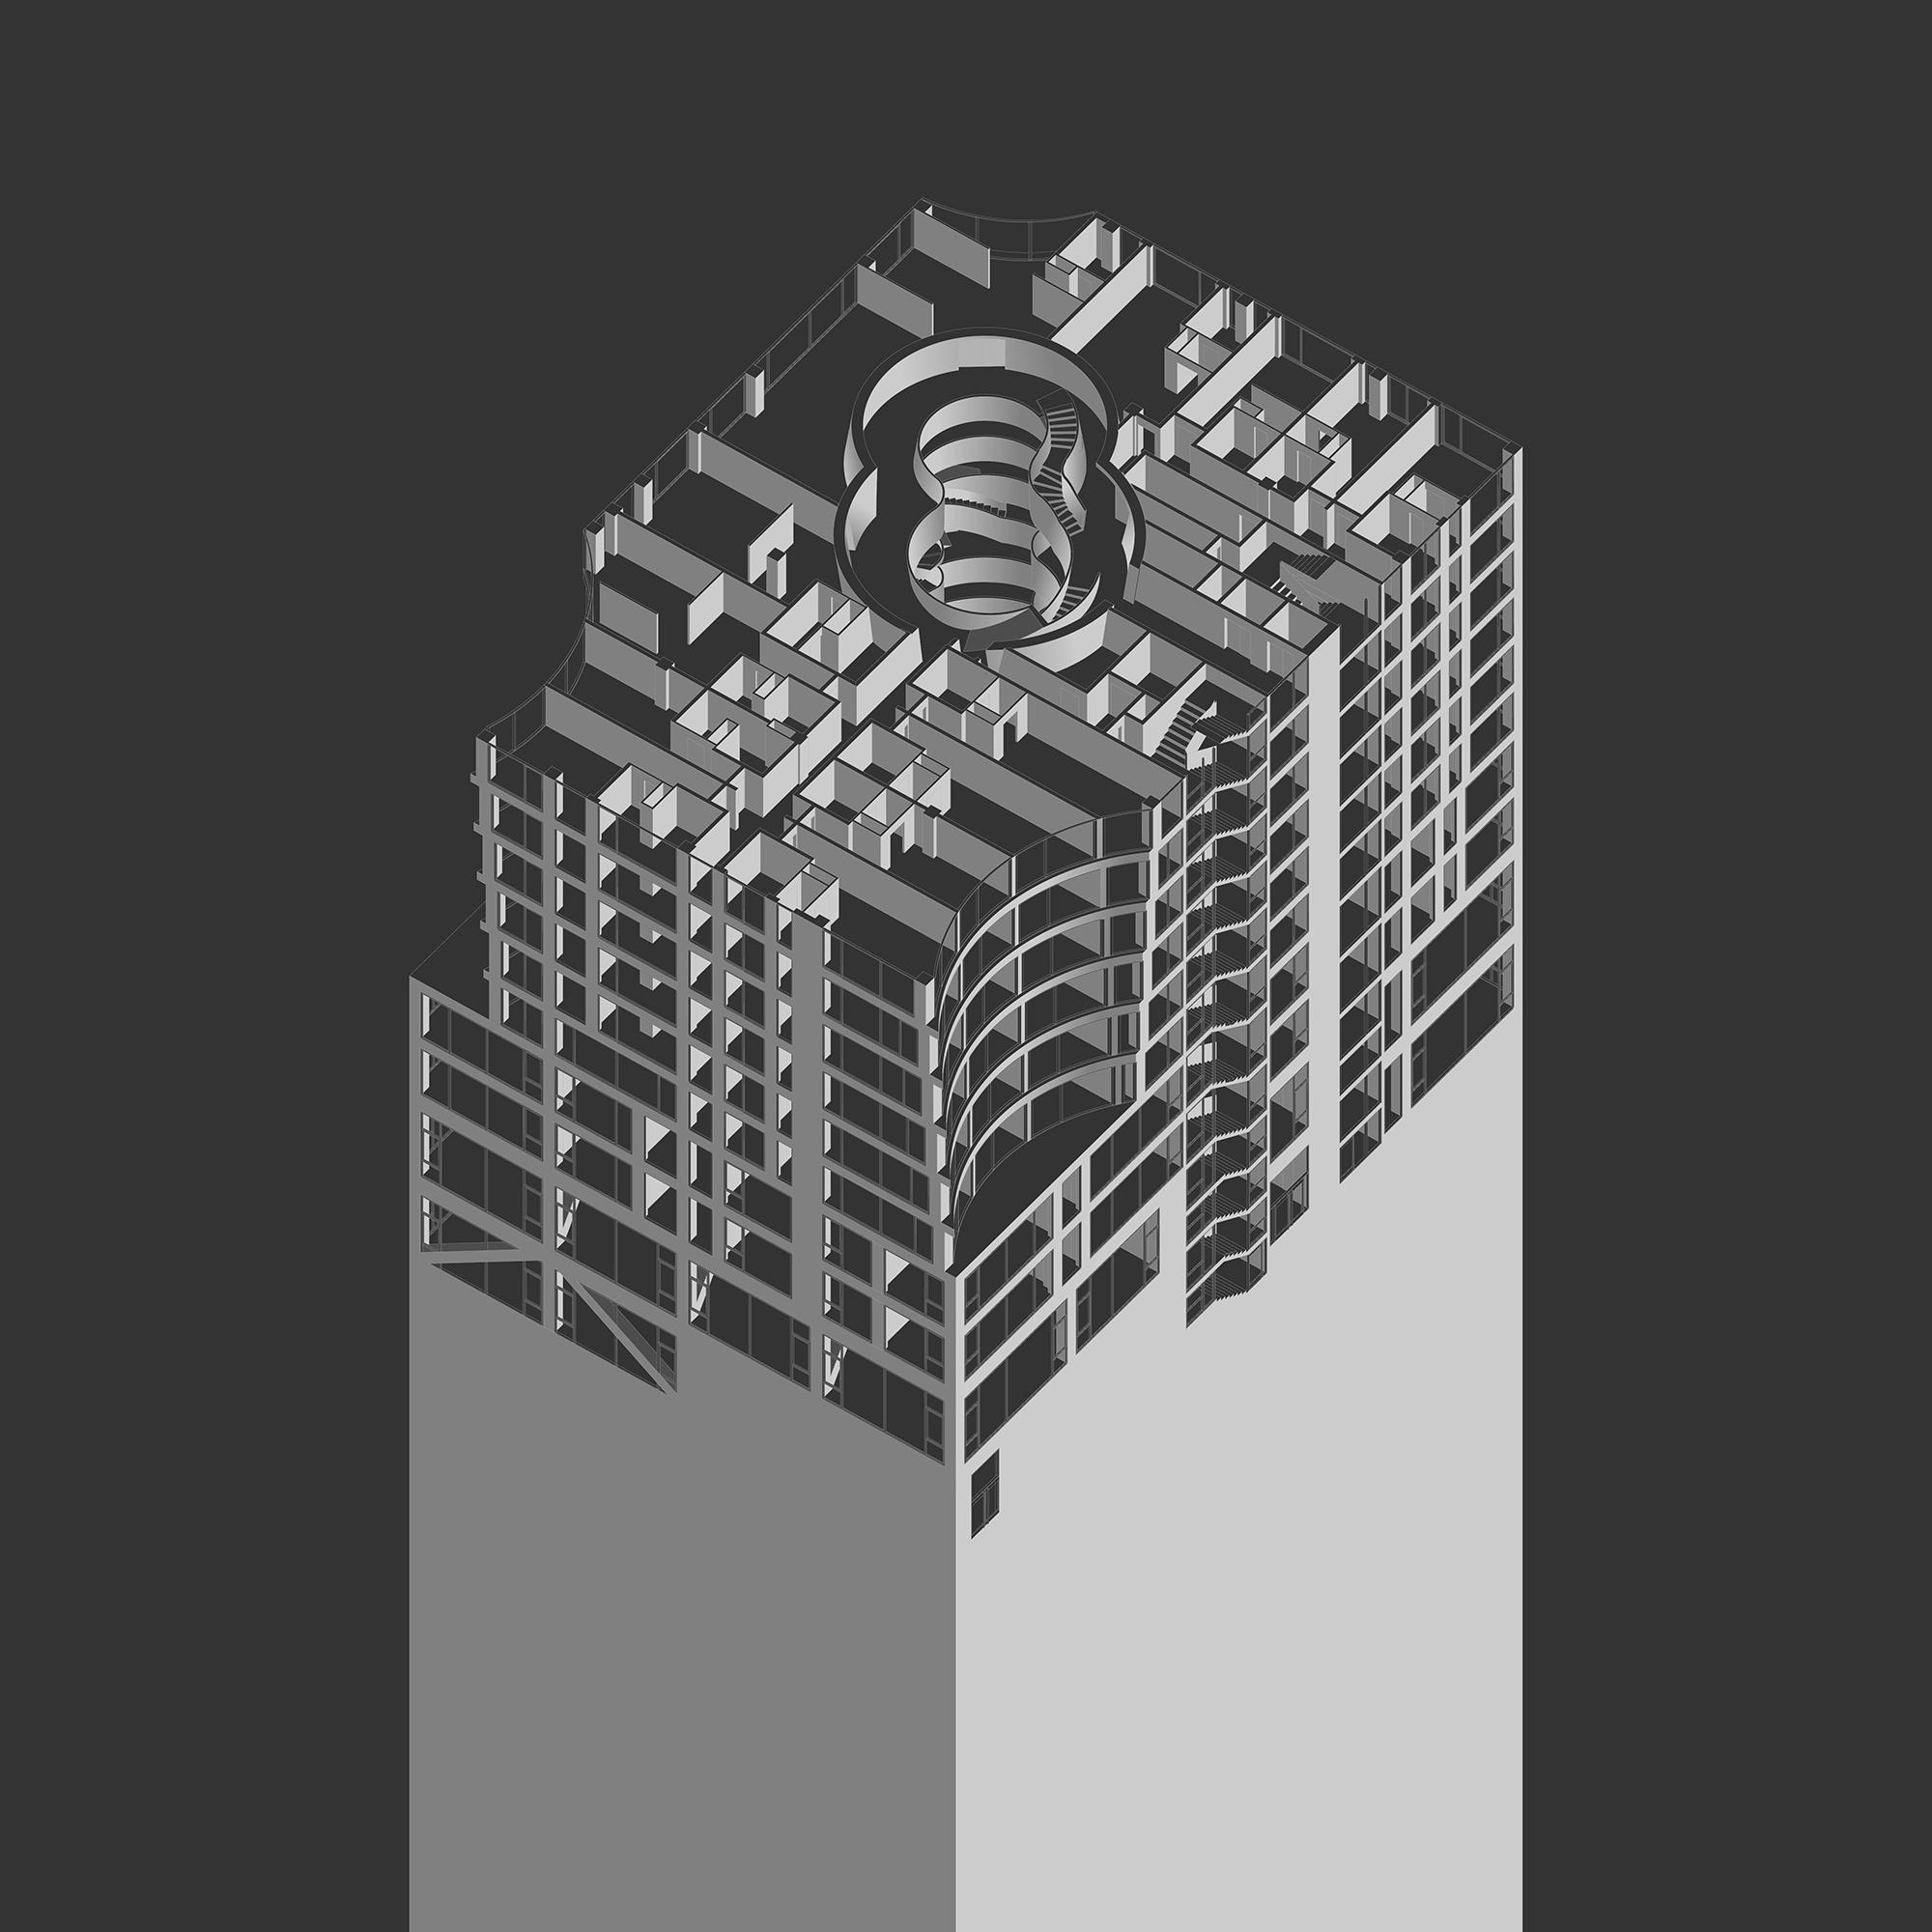 A_Drawing_4.jpg